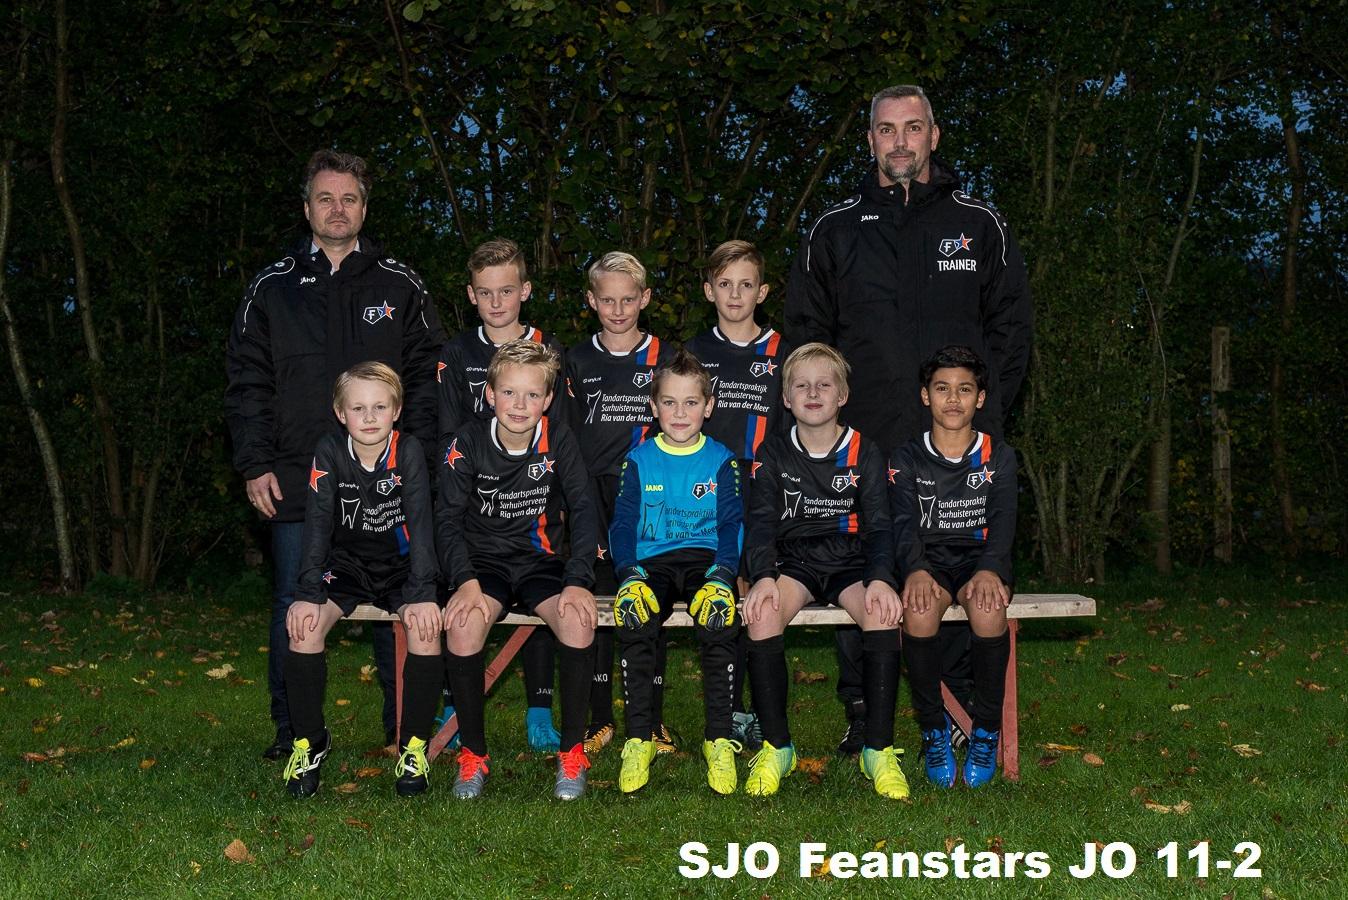 SJO Feanstars JO 11-2